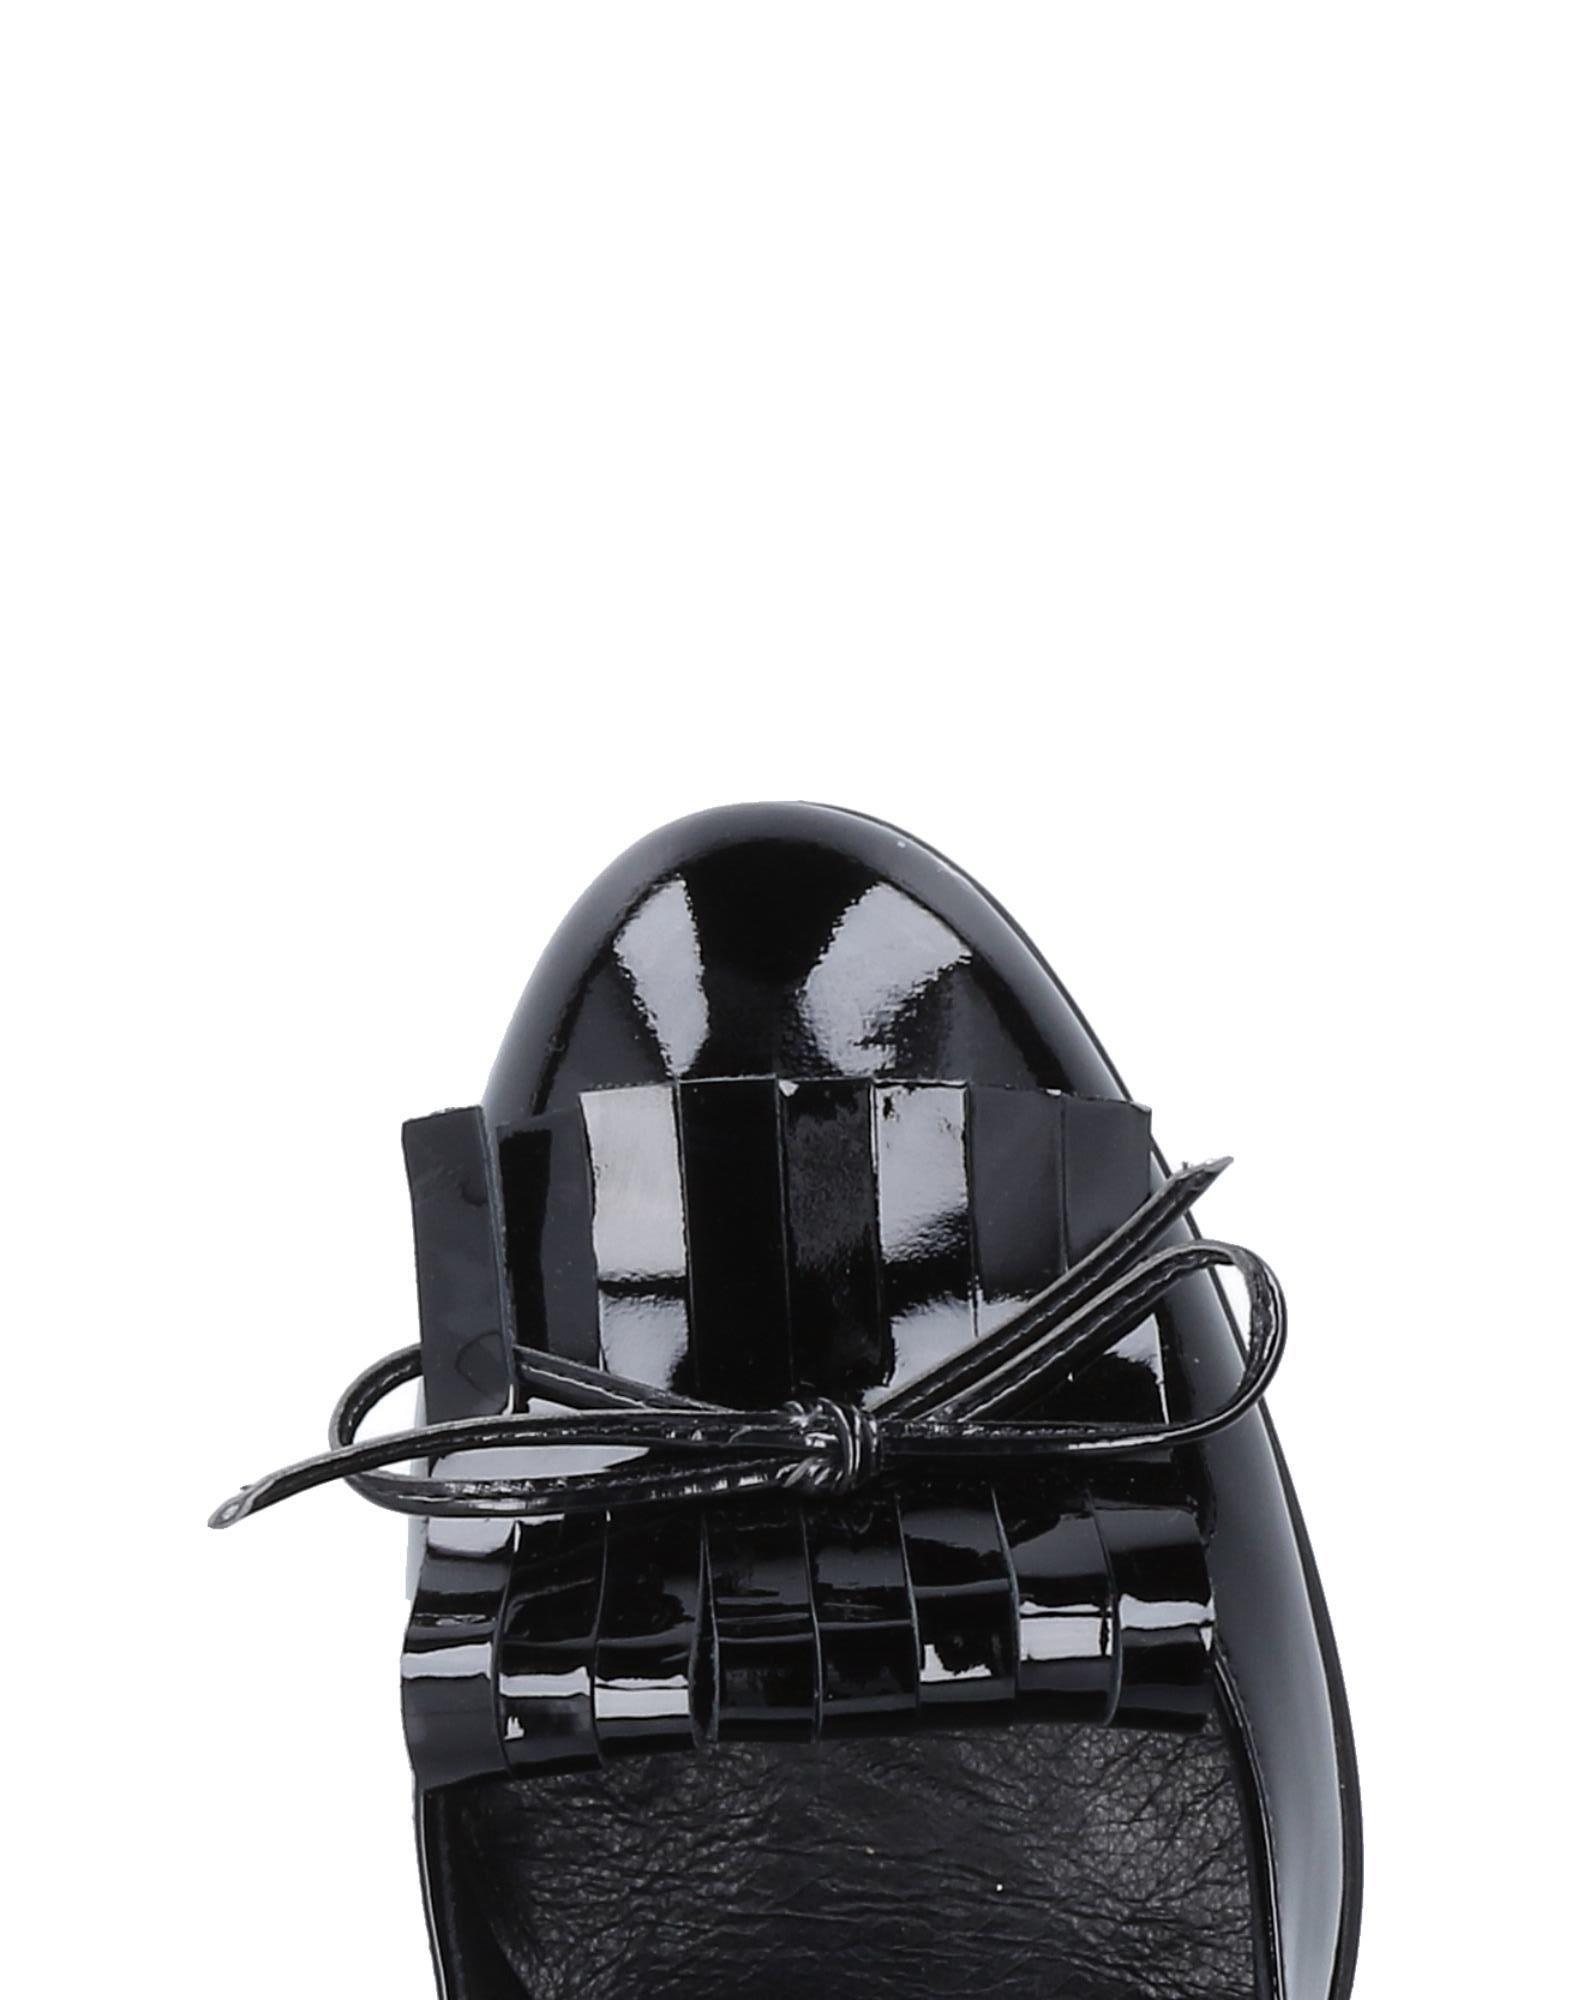 Berberg Mokassins Gute Damen  11512603MM Gute Mokassins Qualität beliebte Schuhe 337b20